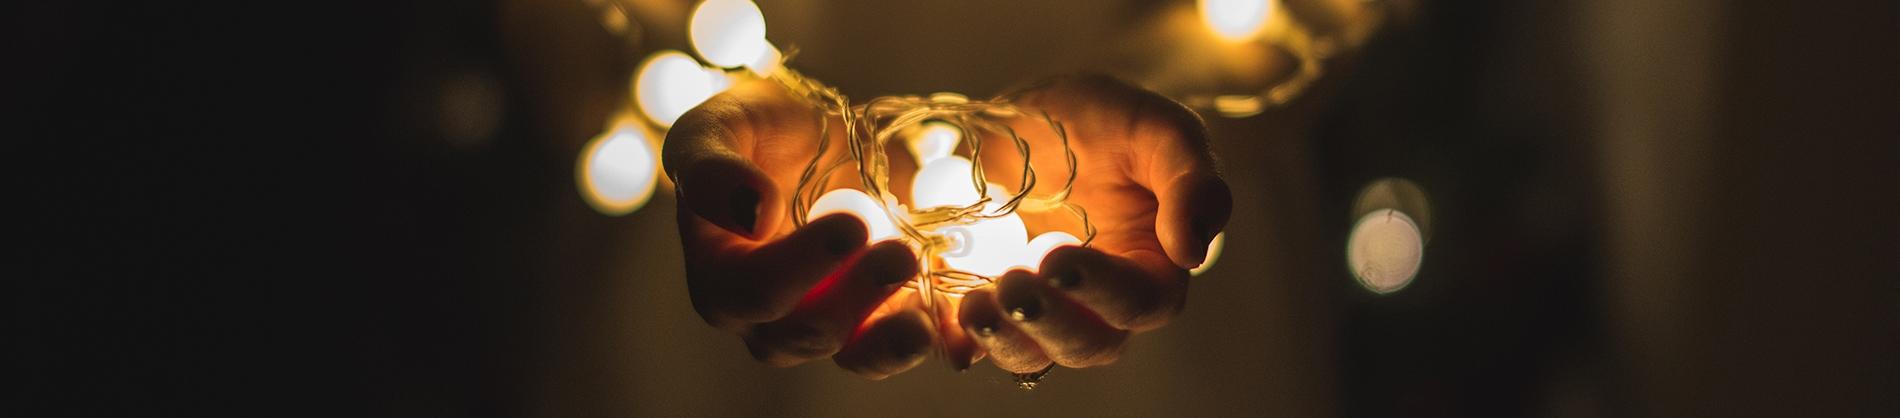 A women holding lit up lightbulbs in her hands